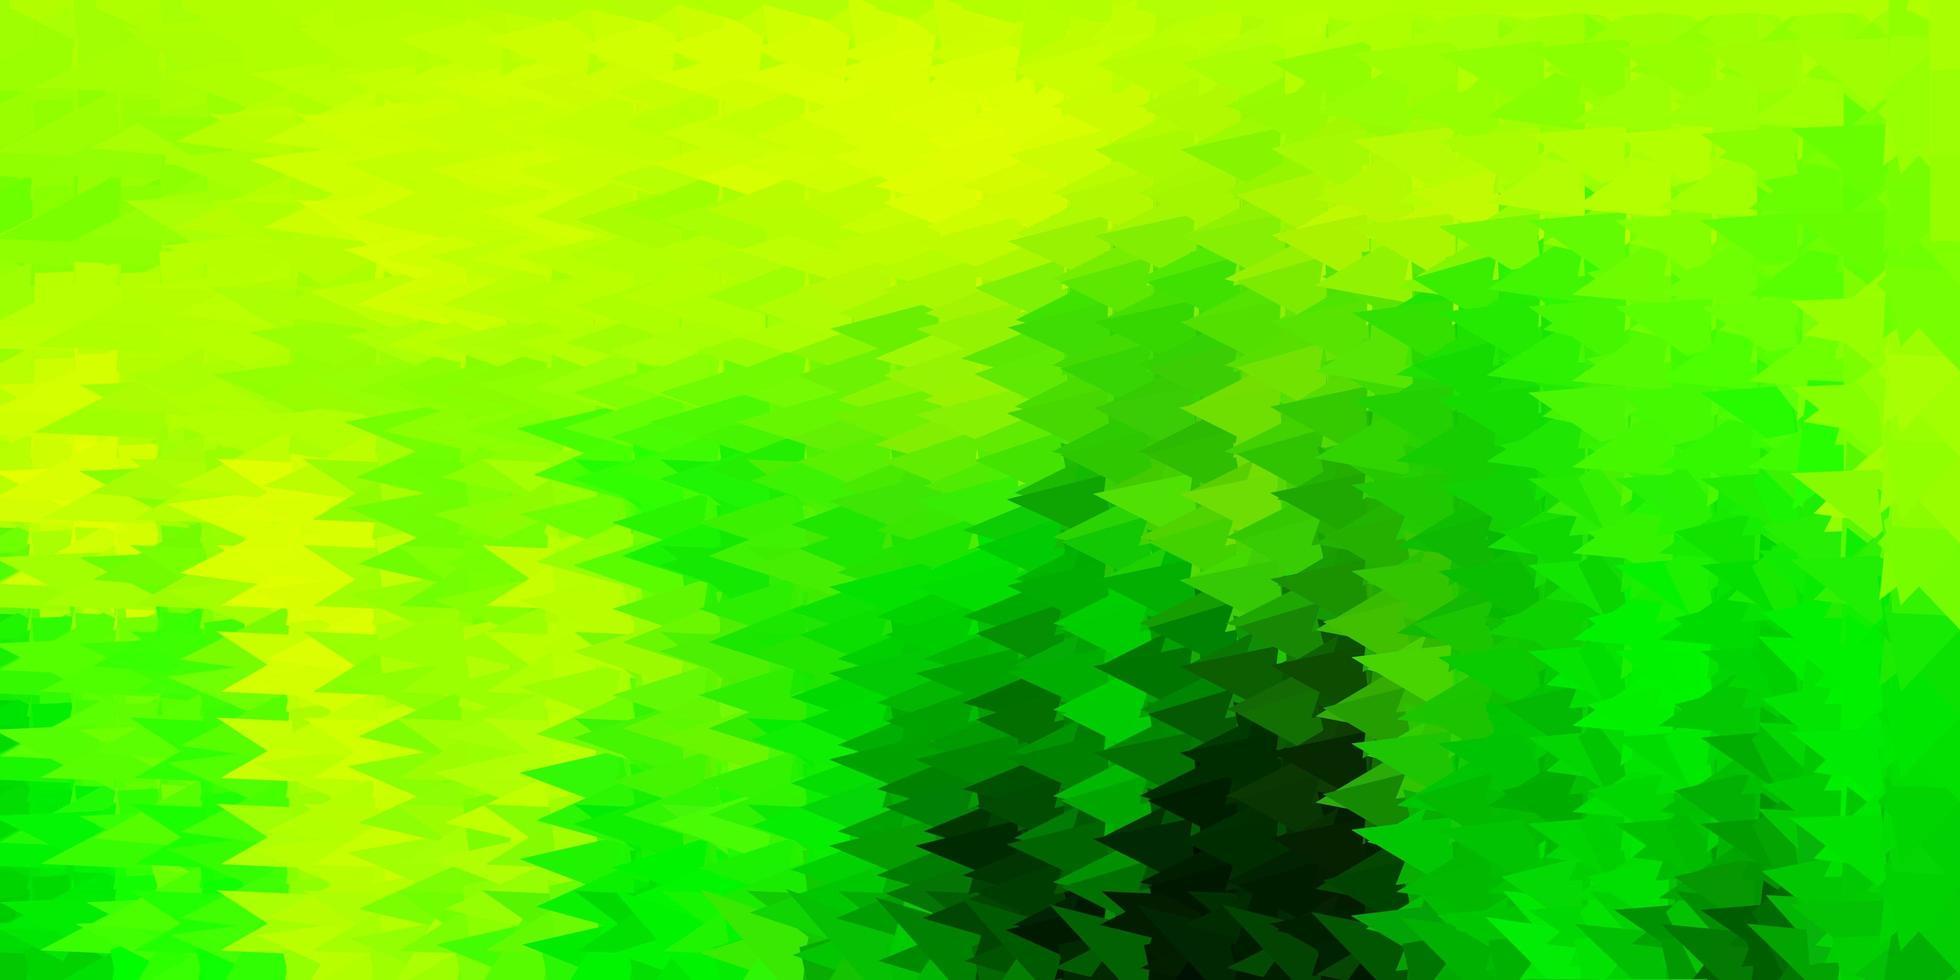 papel de parede poligonal geométrico de vetor verde e amarelo claro.